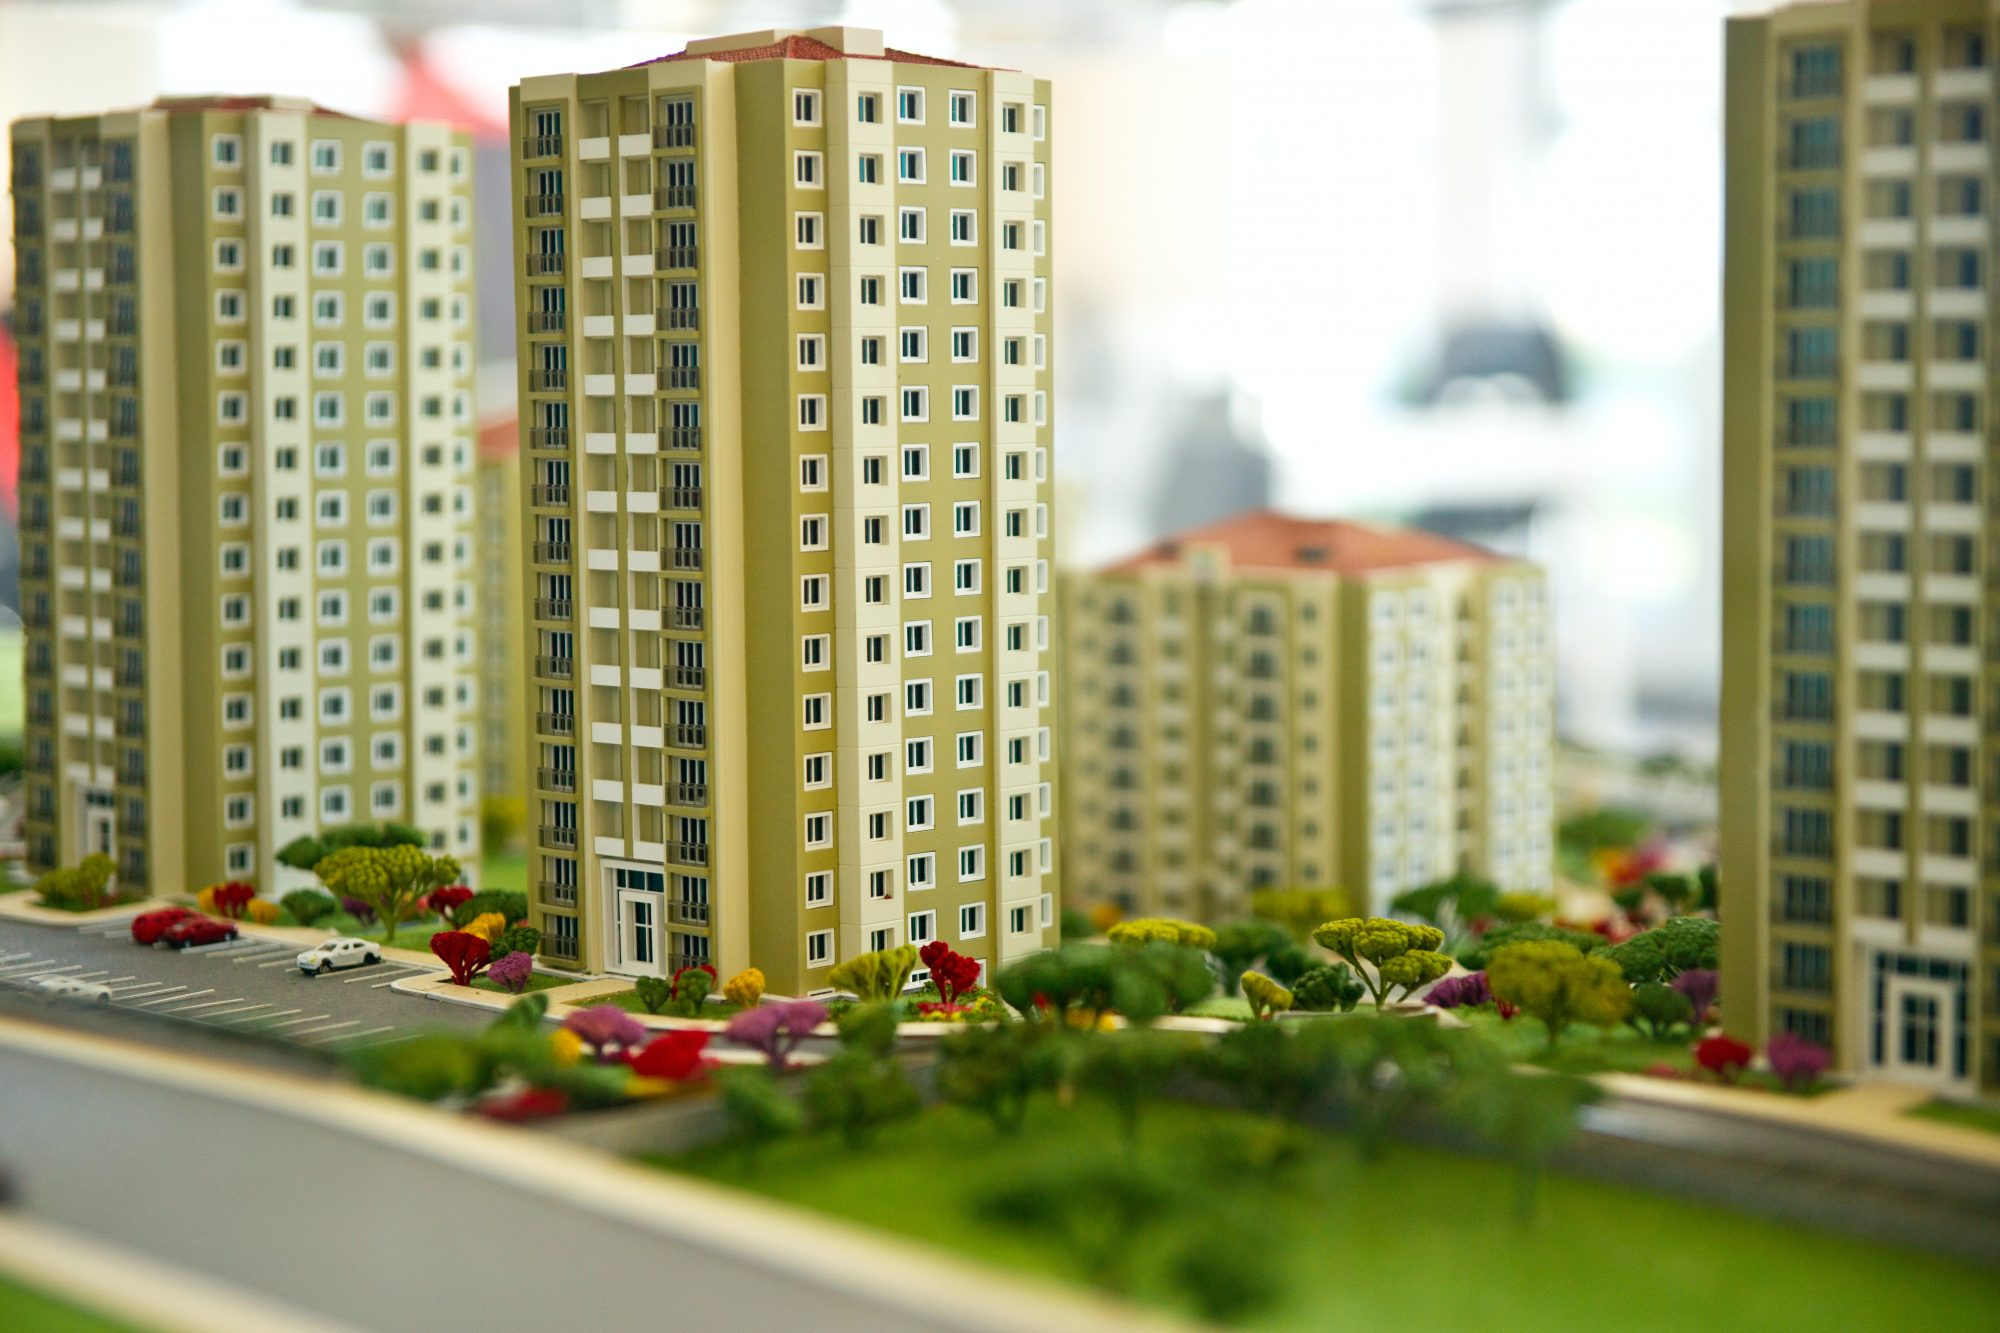 mieszkania z rynku wtórnego